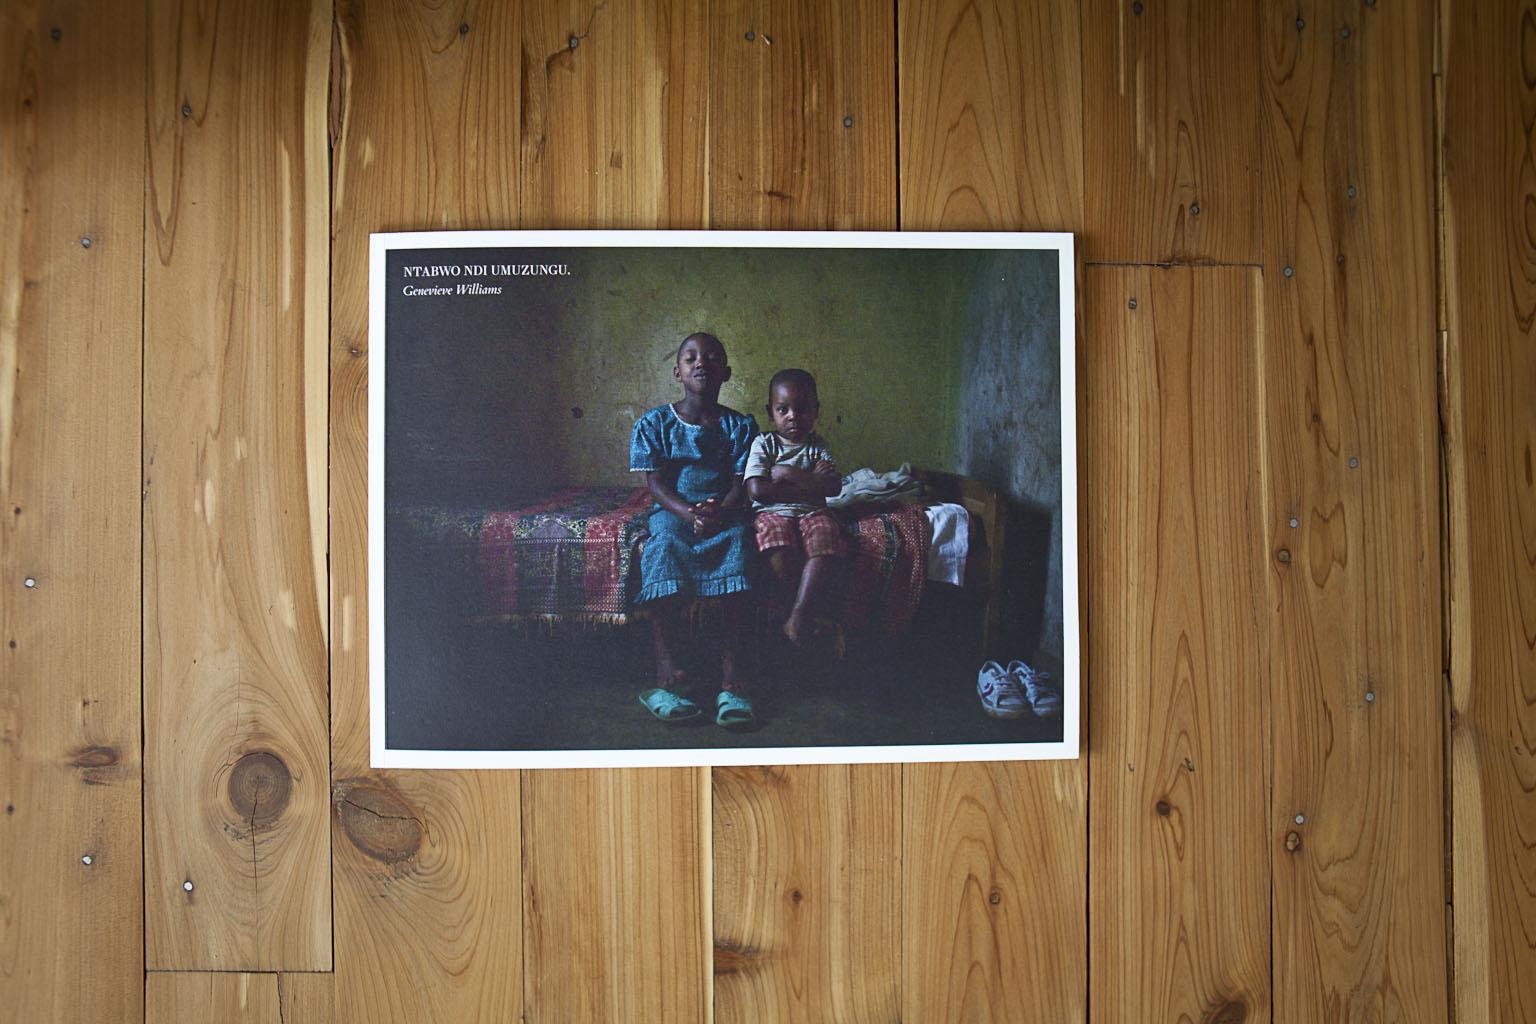 Rwanda01.jpg